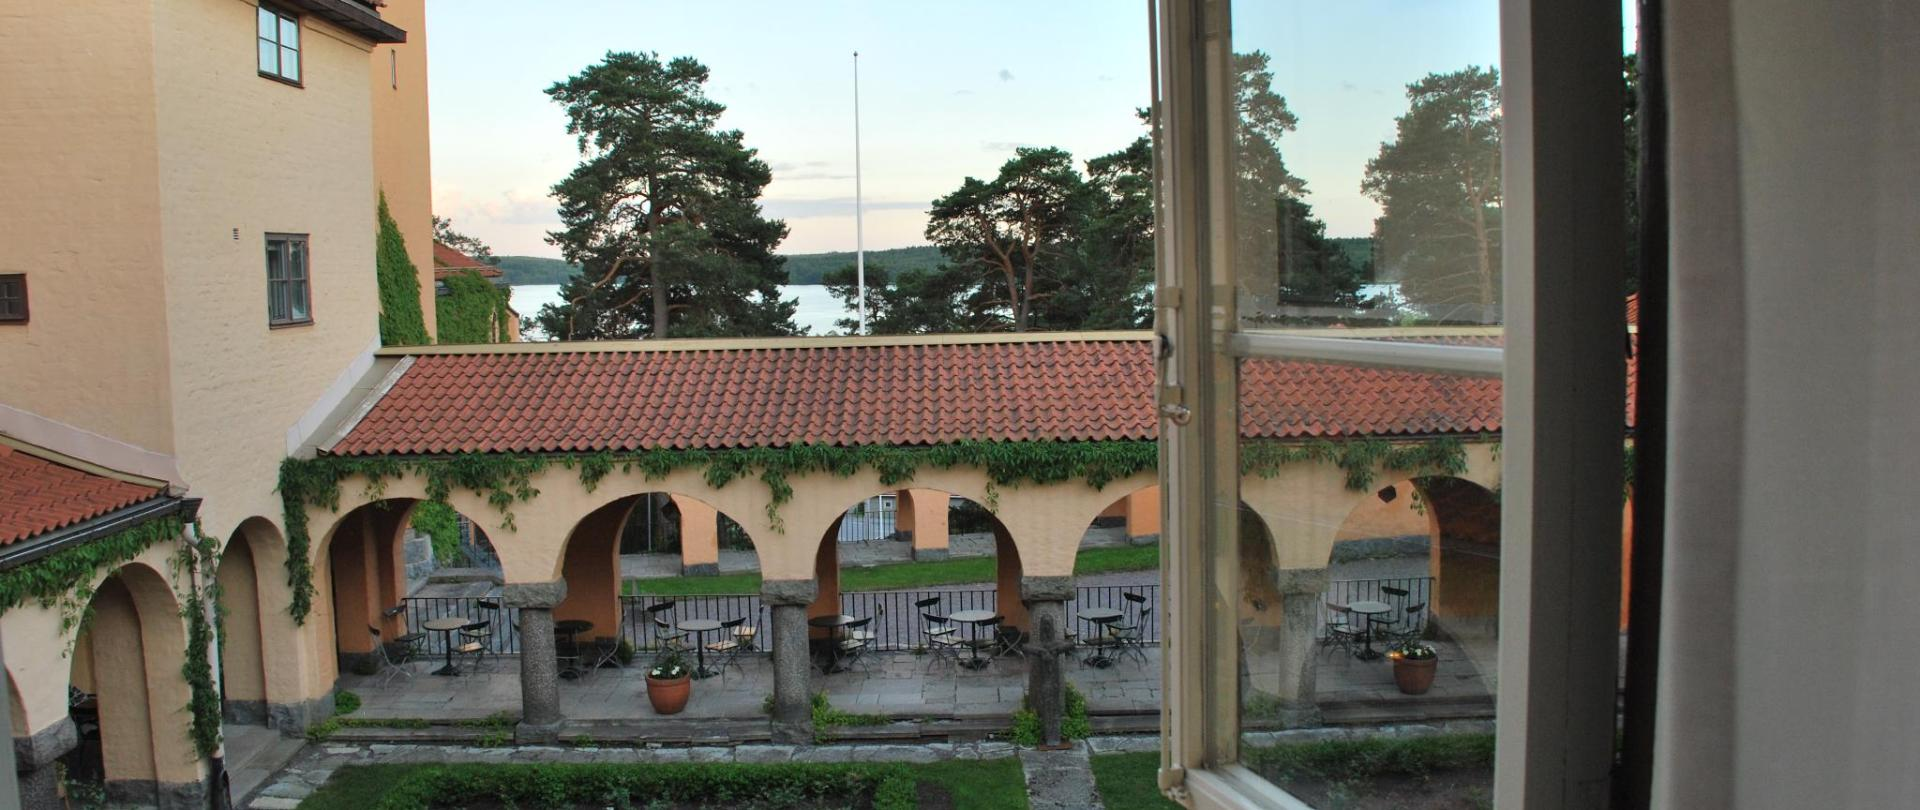 Utsikt från fönster.jpg